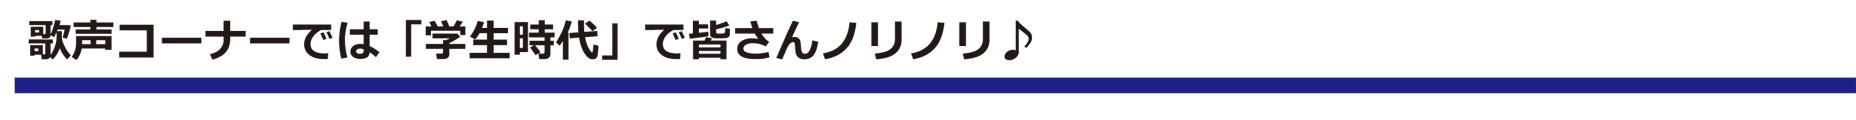 『ナビトモ新年会 in 銀座』イベントレポート